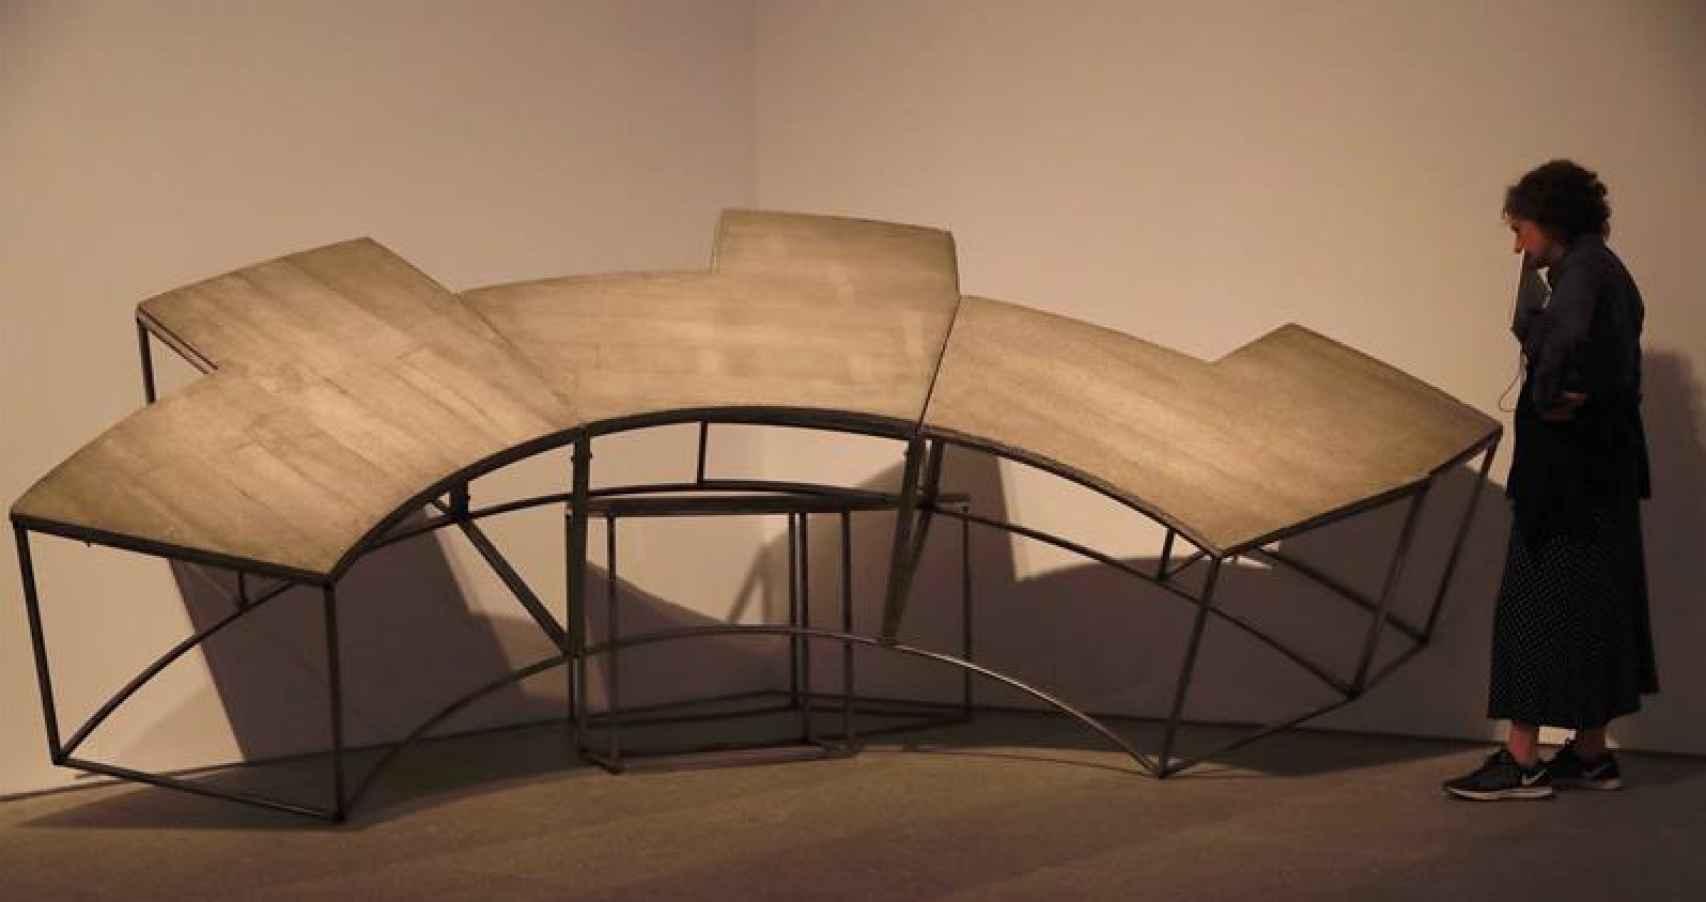 Exposición Lo contemporáneo, a partir de la colección del Reina Sofía.